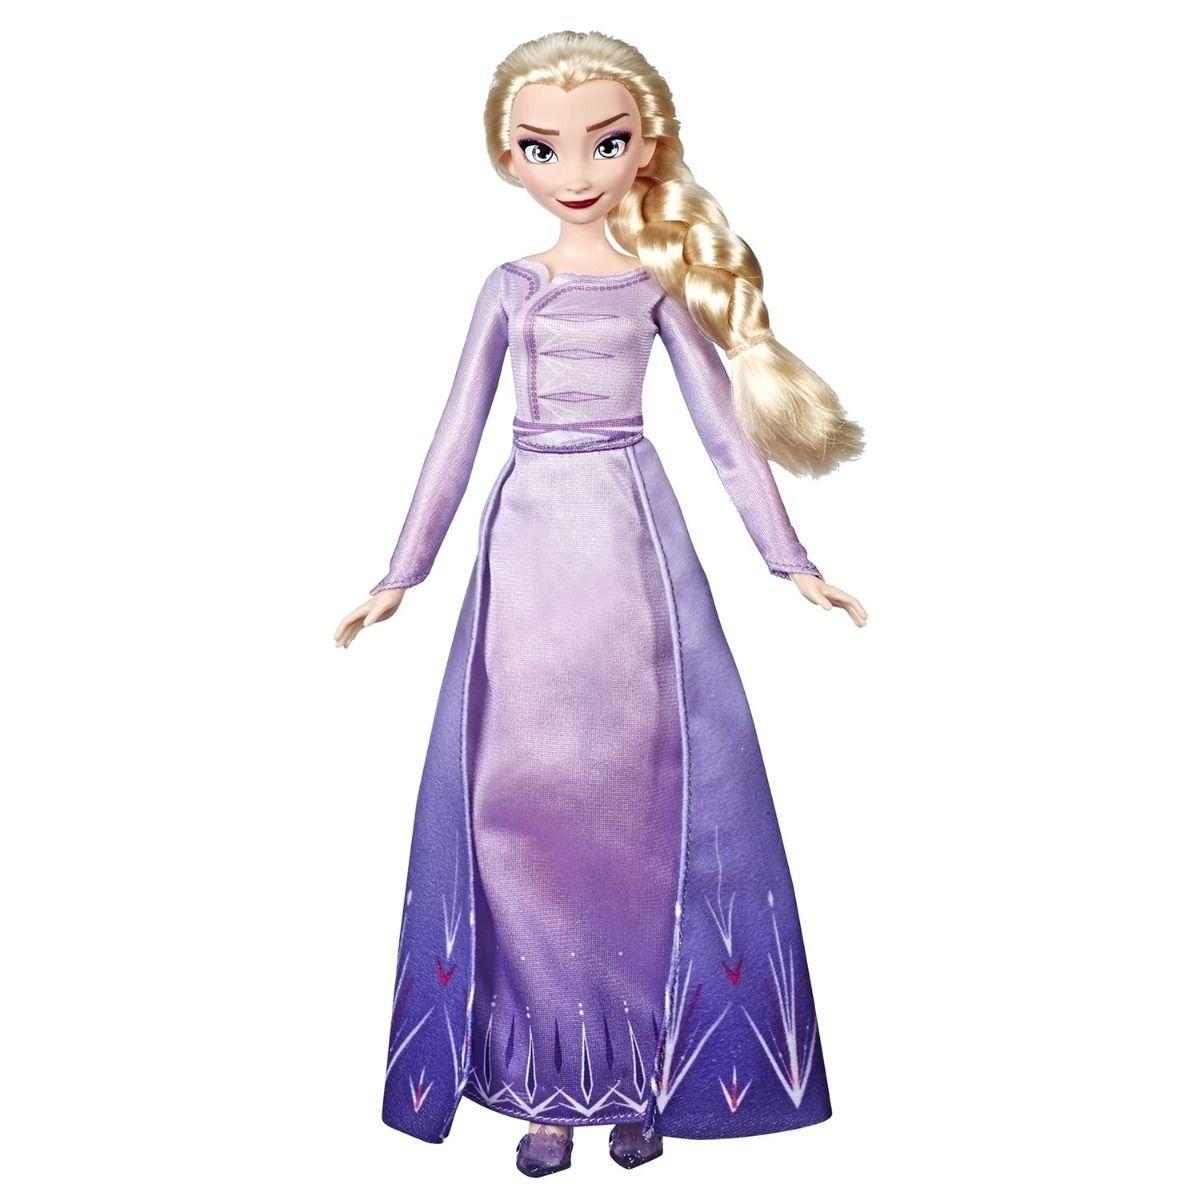 Кукла Холодное сердце 2 Disney Frozen с дополнительными нарядами - фото 10